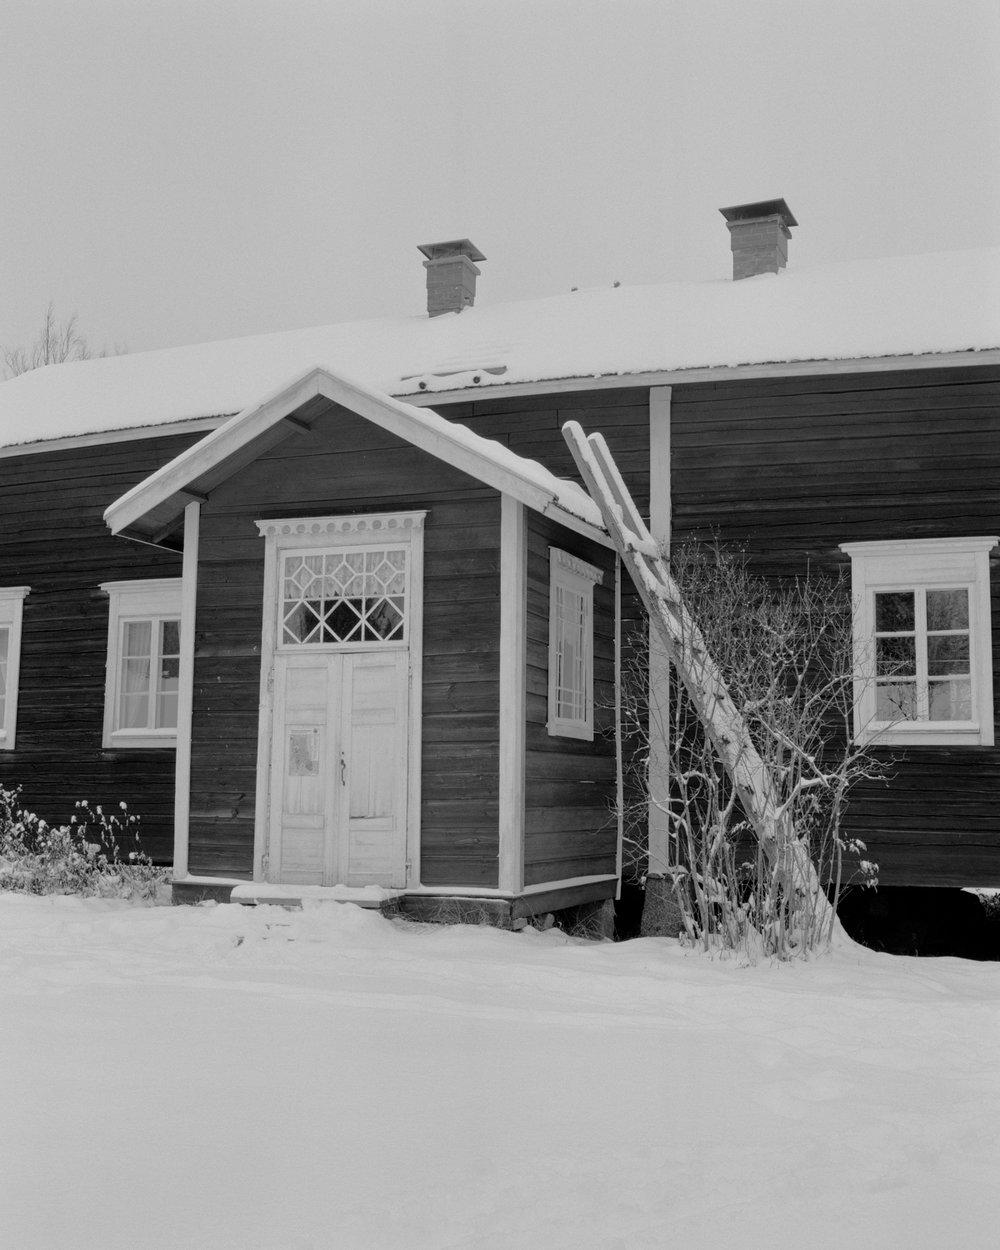 Kovero #2 , Seitseminen,Finland, 2017.